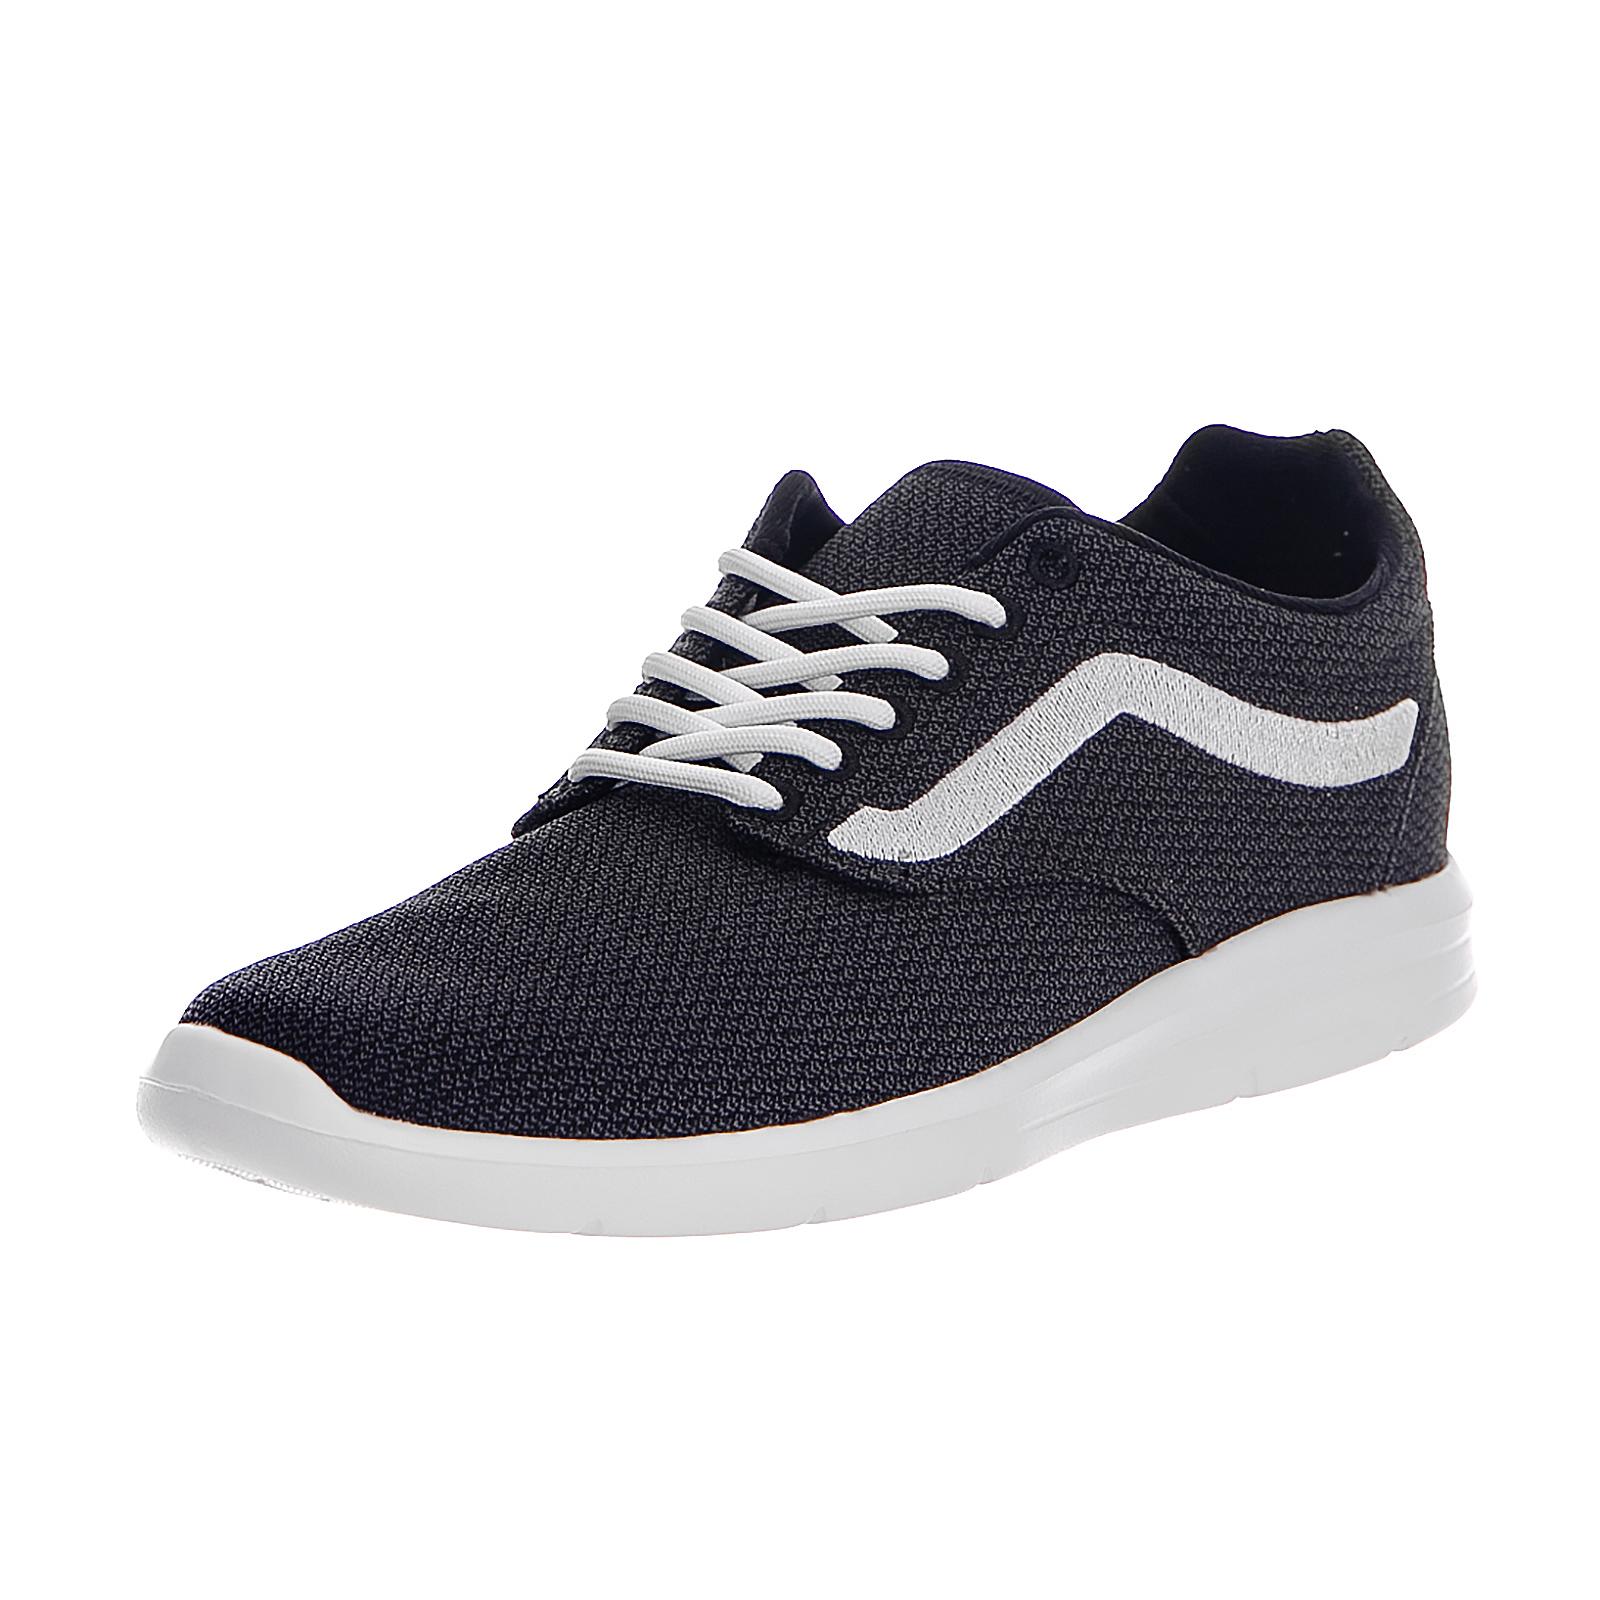 Vans Sneakers Ua Iso 1.5 (Mesh) Black Asphalt True Black  112417b225203